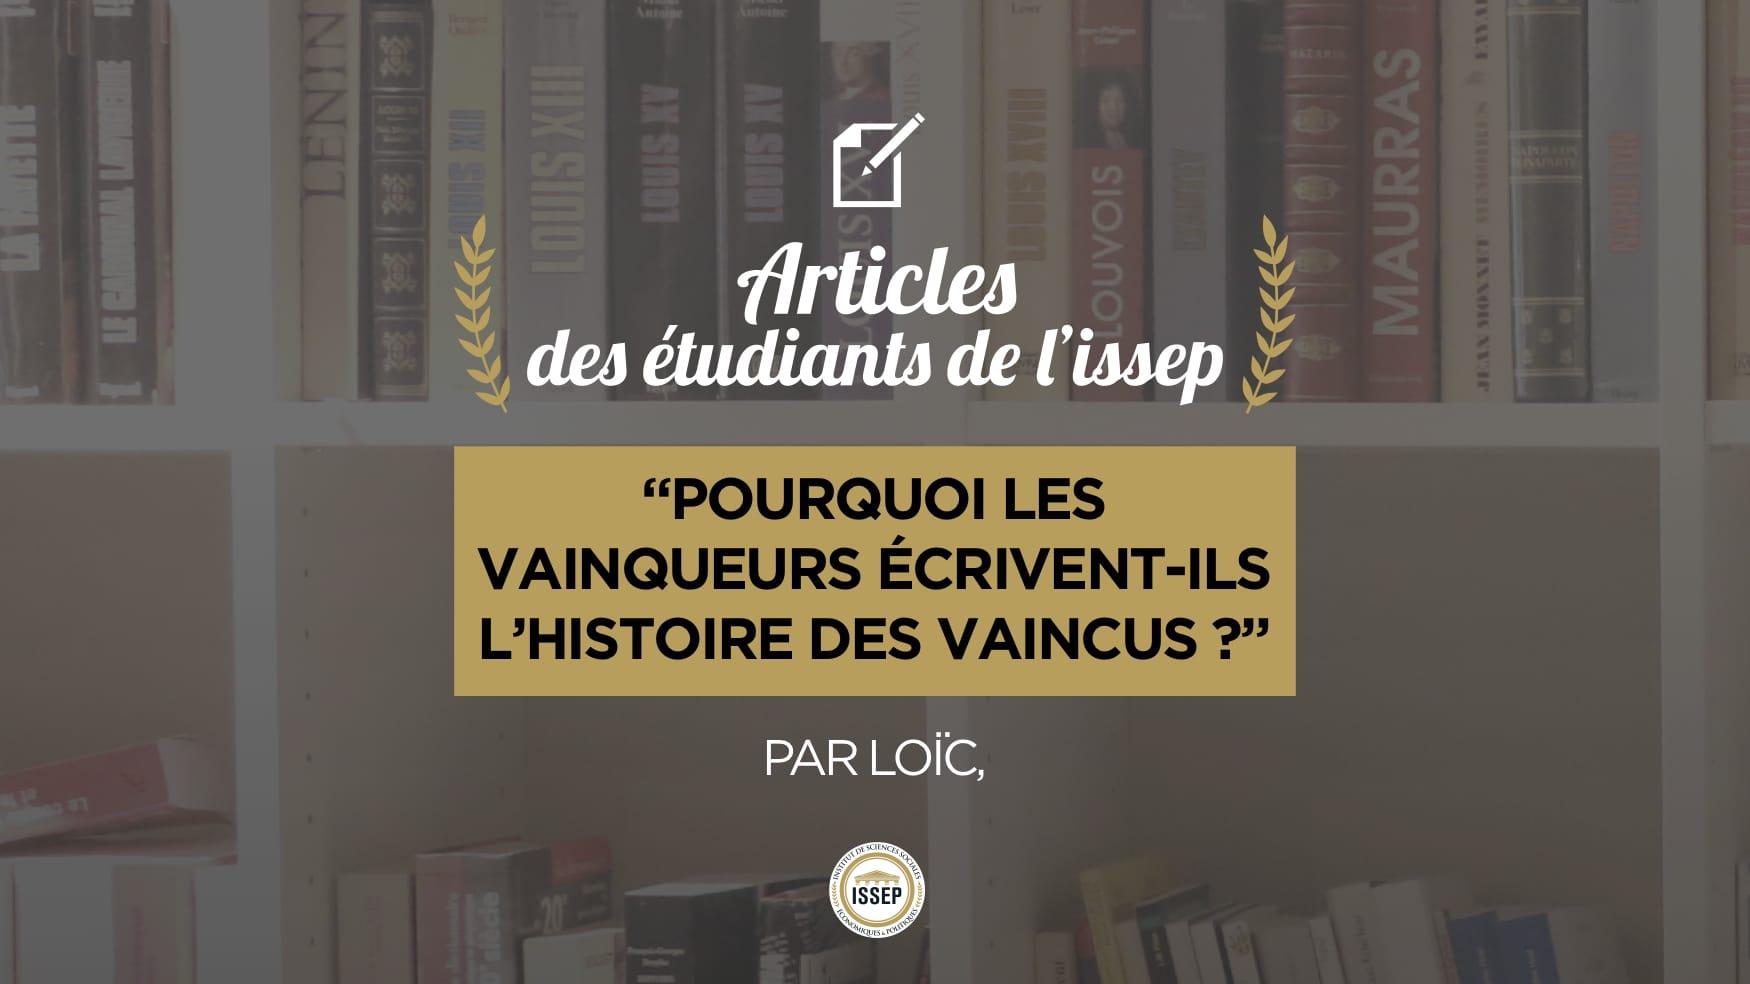 Pourquoi les vainqueurs écrivent-ils l'histoire des vaincus ? : article de Loïc, étudiant à l'ISSEP